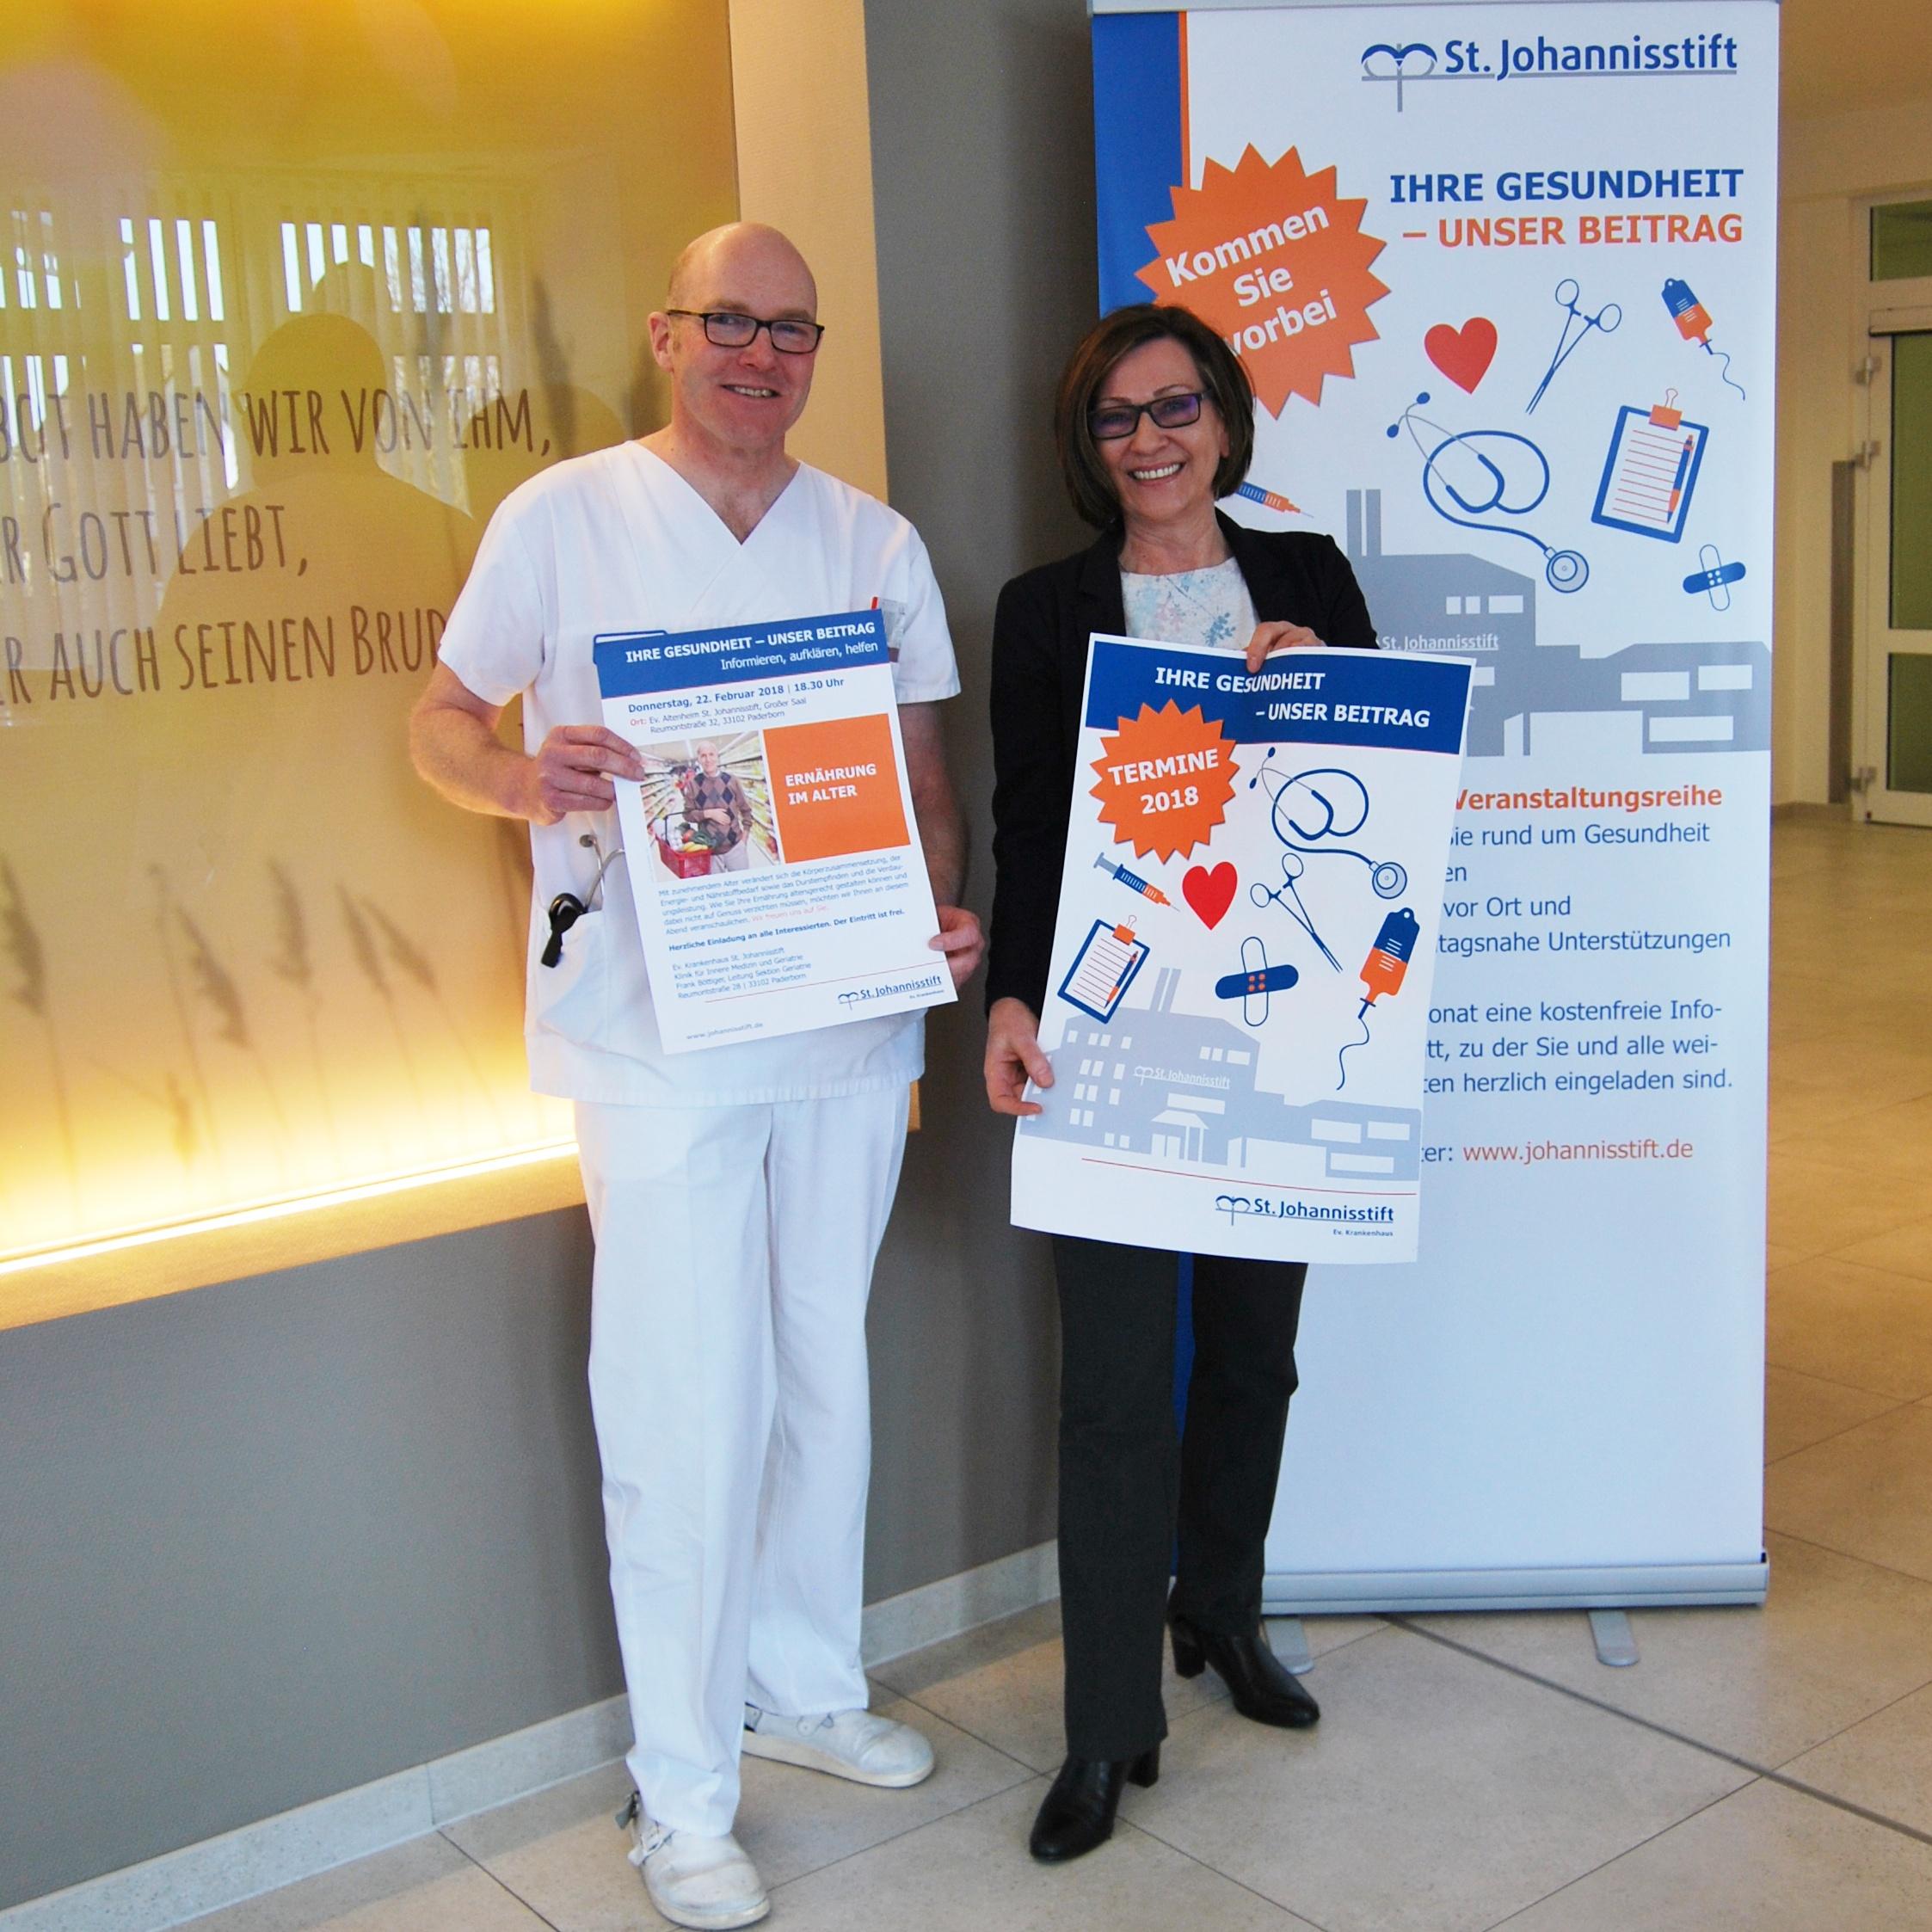 """Veranstaltungsreihe """"Ihre Gesundheit – Unser Beitrag"""" im Evangelischen Krankenhaus St. Johannisstift Informieren, aufklären und alltagsnahe Unterstützungen geben"""